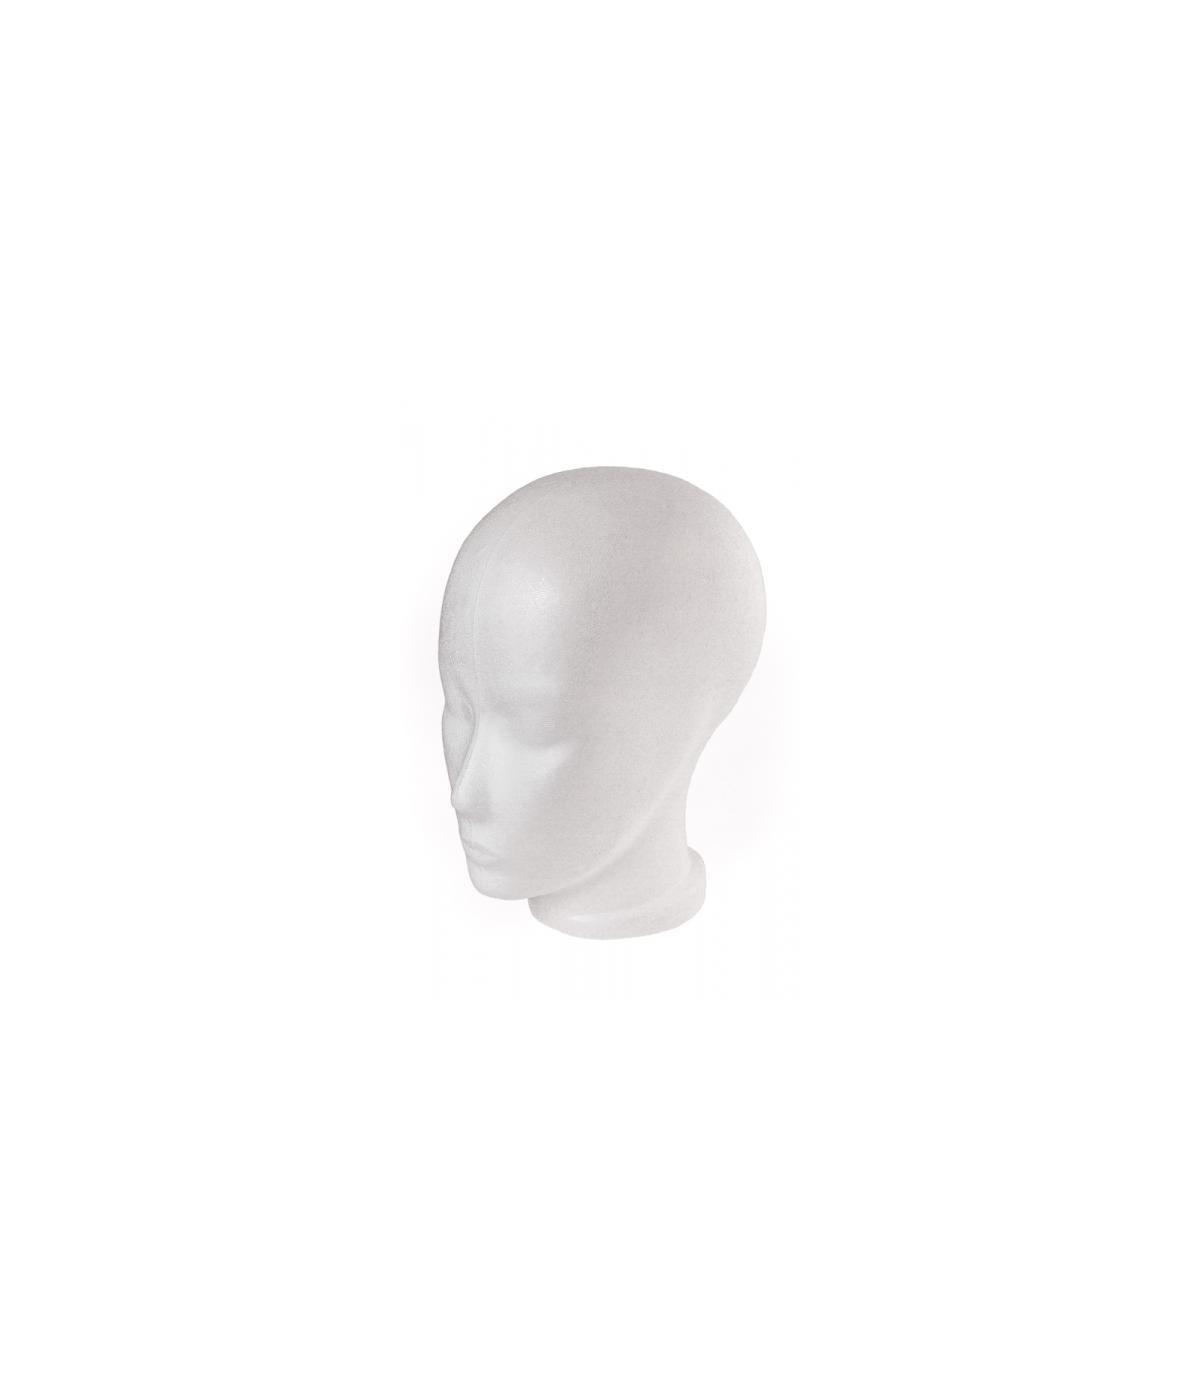 Fischbach & Miller Styropor Kopf mit Gesicht, 55/56 cm